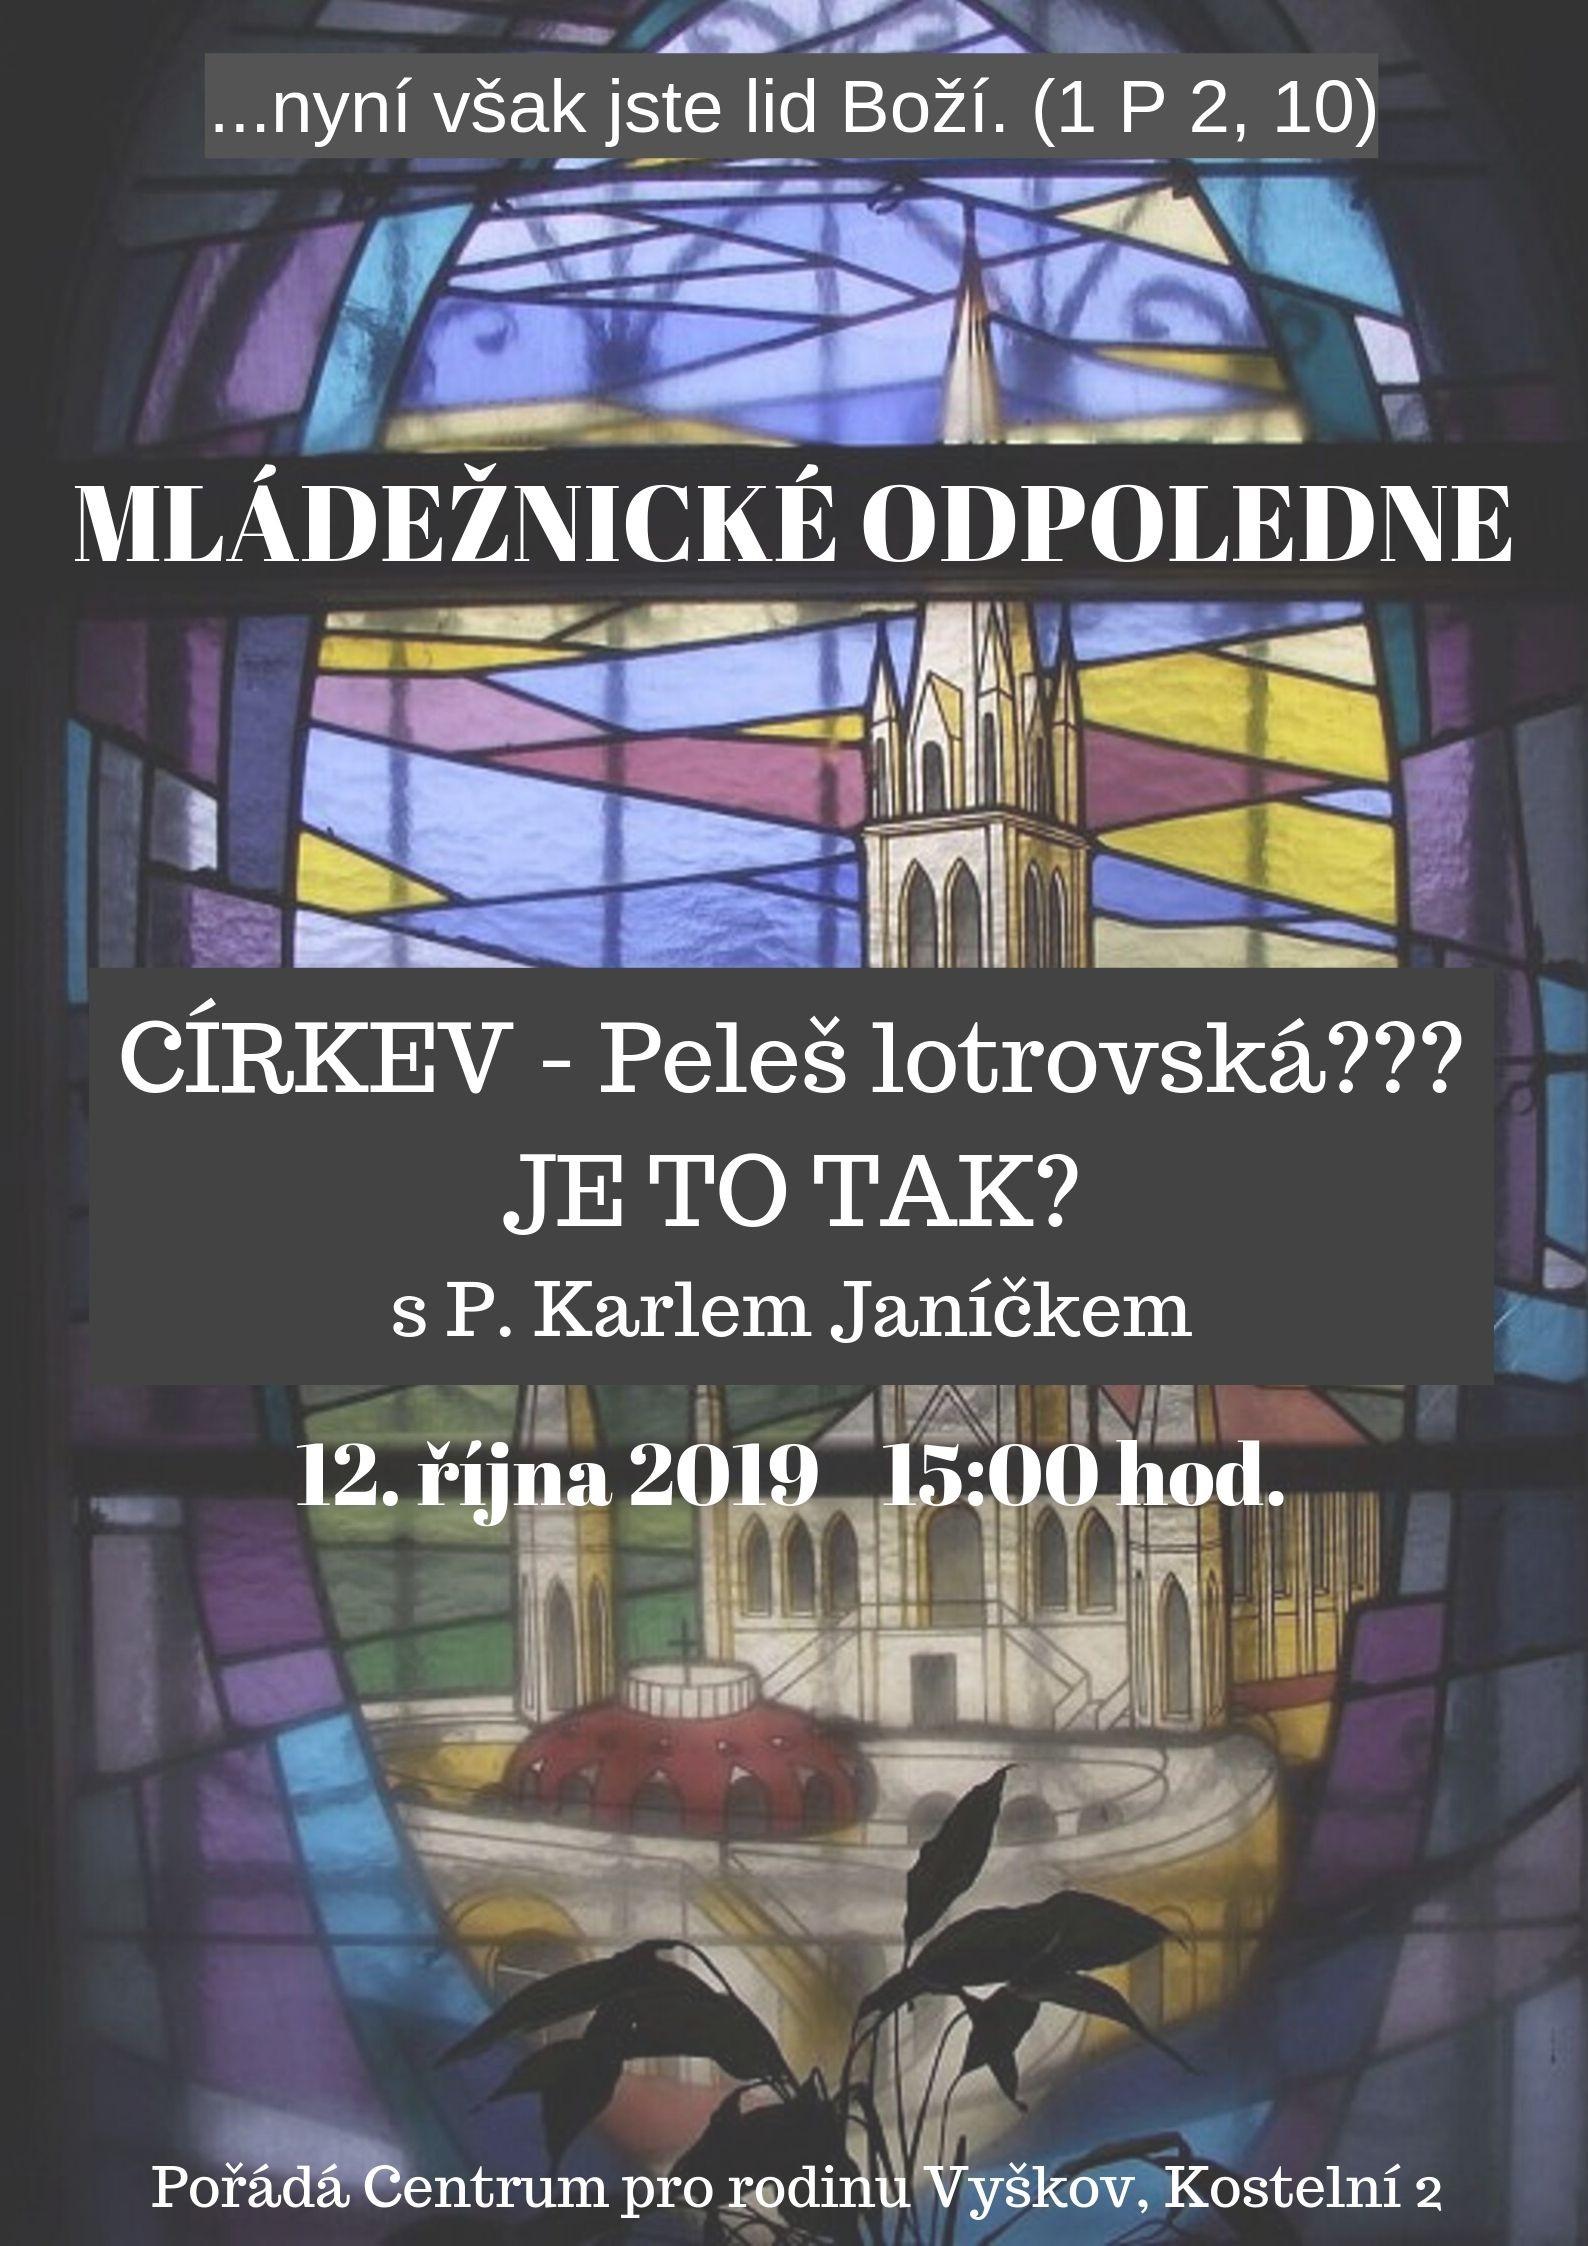 Mladeznicke odpoledne 1 12.10.2019